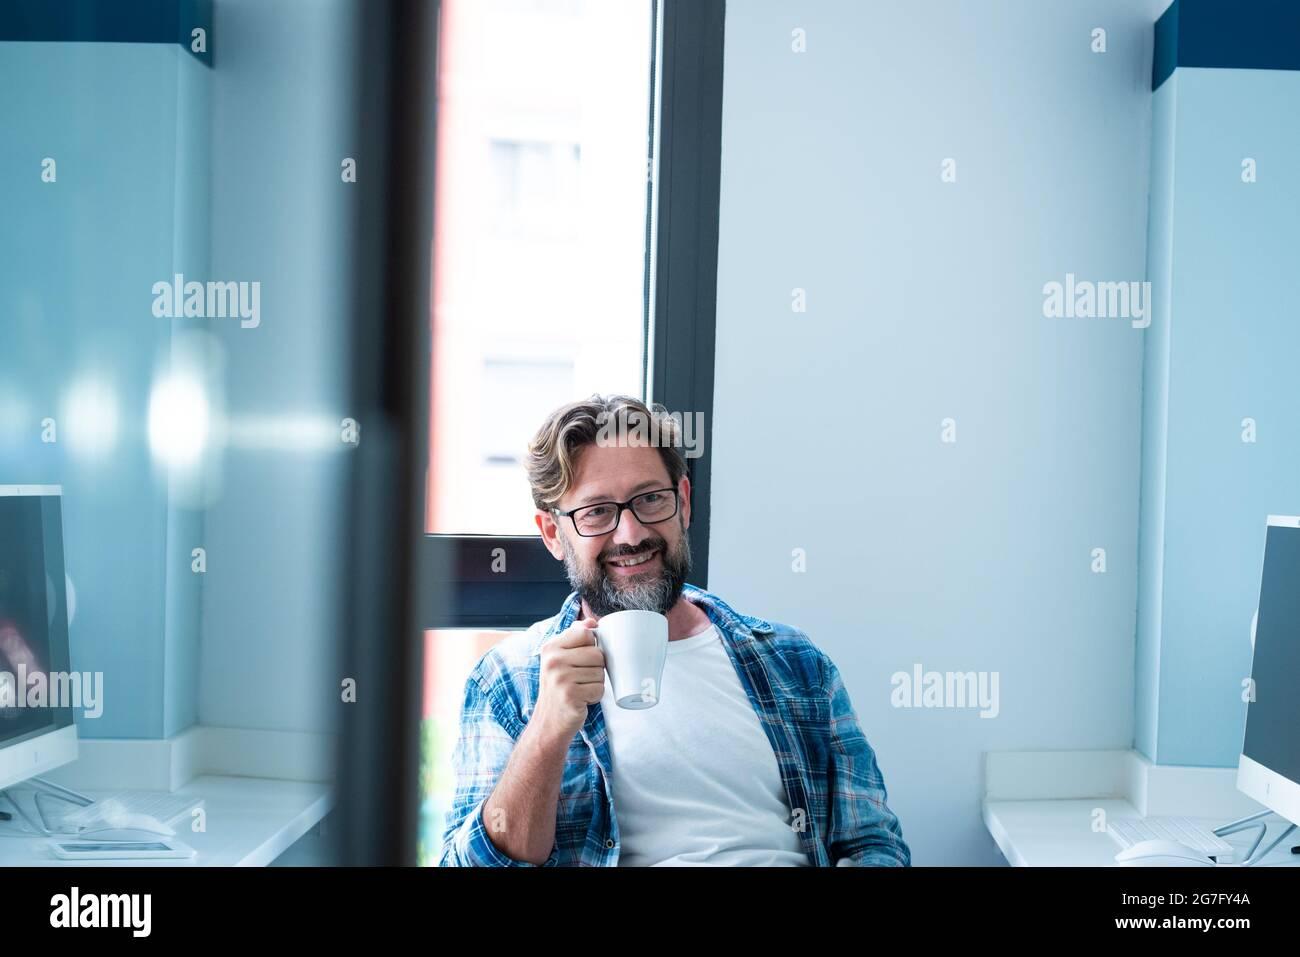 Joyeux homme barbu adulte assis au bureau sourire et profiter de pause de travail en ligne - les gens et le style de vie de travail - les couleurs bleues - beau mal mûr Banque D'Images